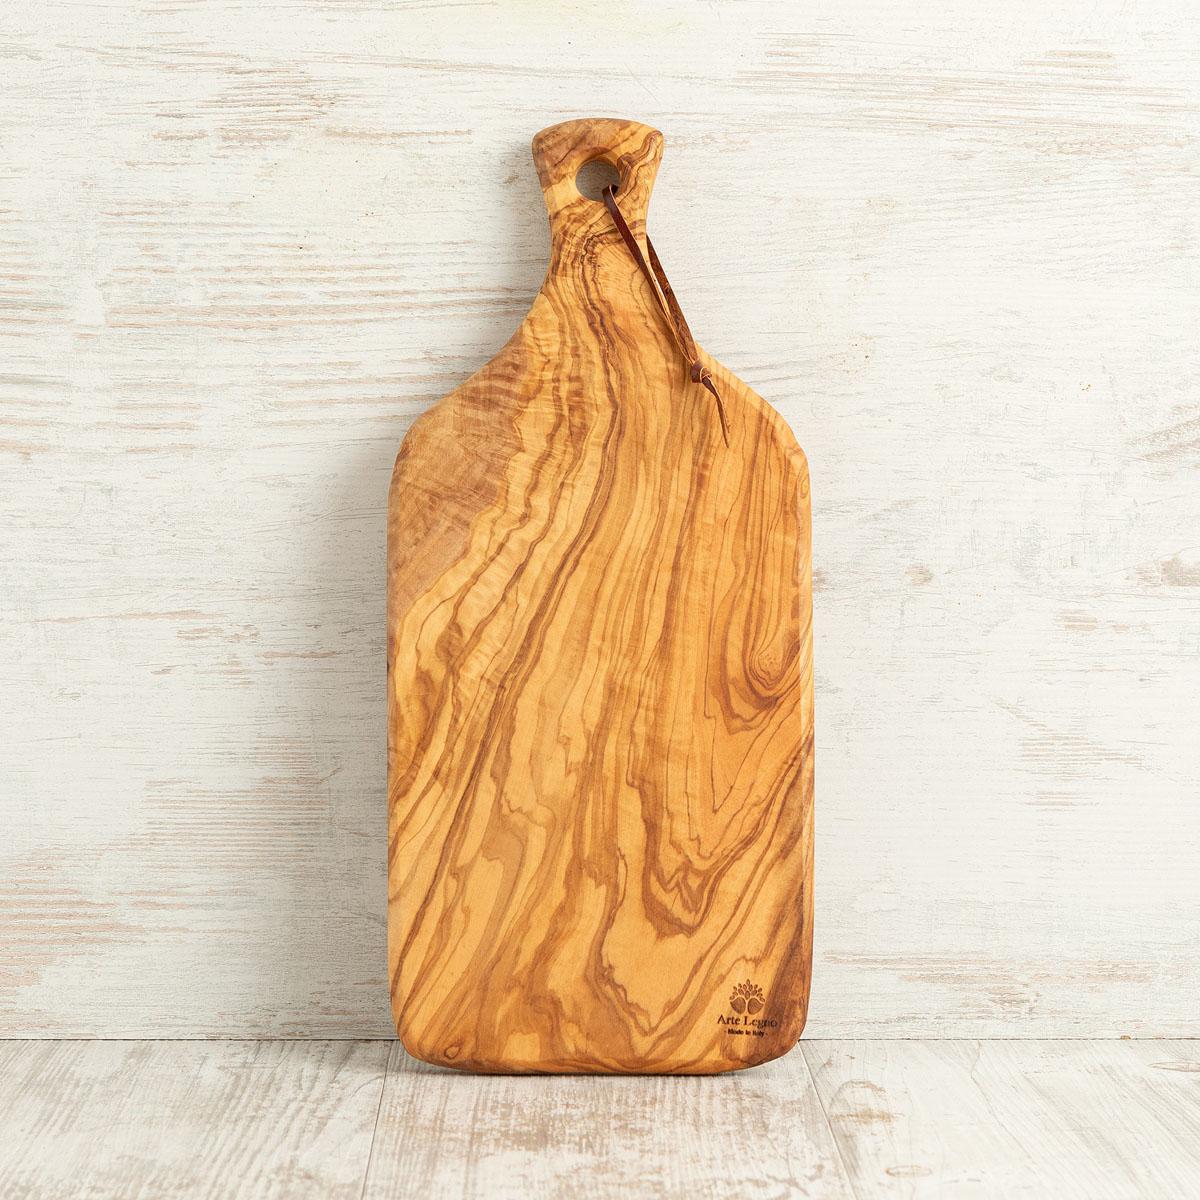 Tagliere fatto a mano in legno di ulivo | Arte Legno